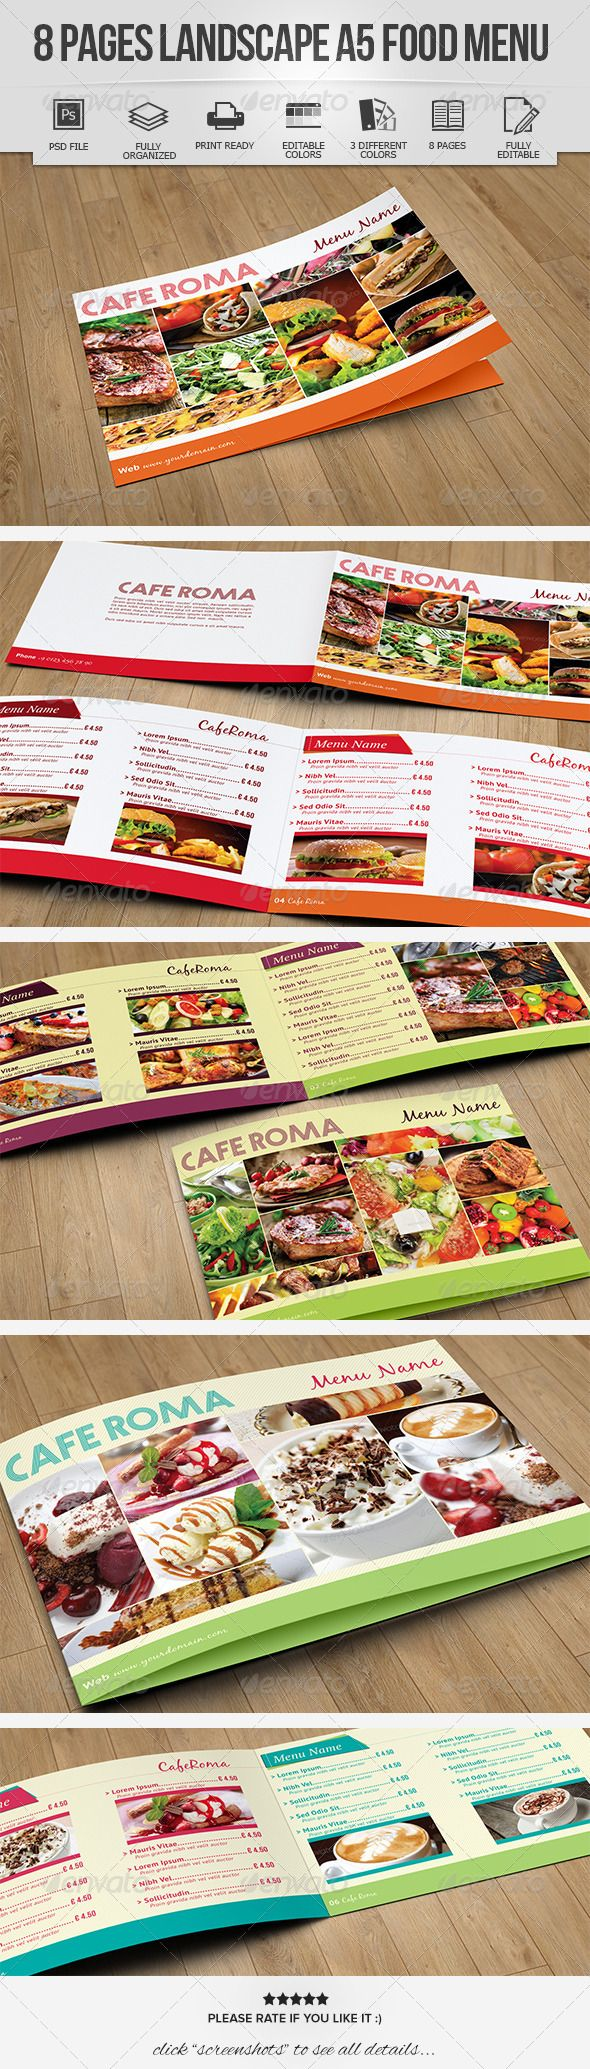 8 Pages Landscape A5 Food Menu